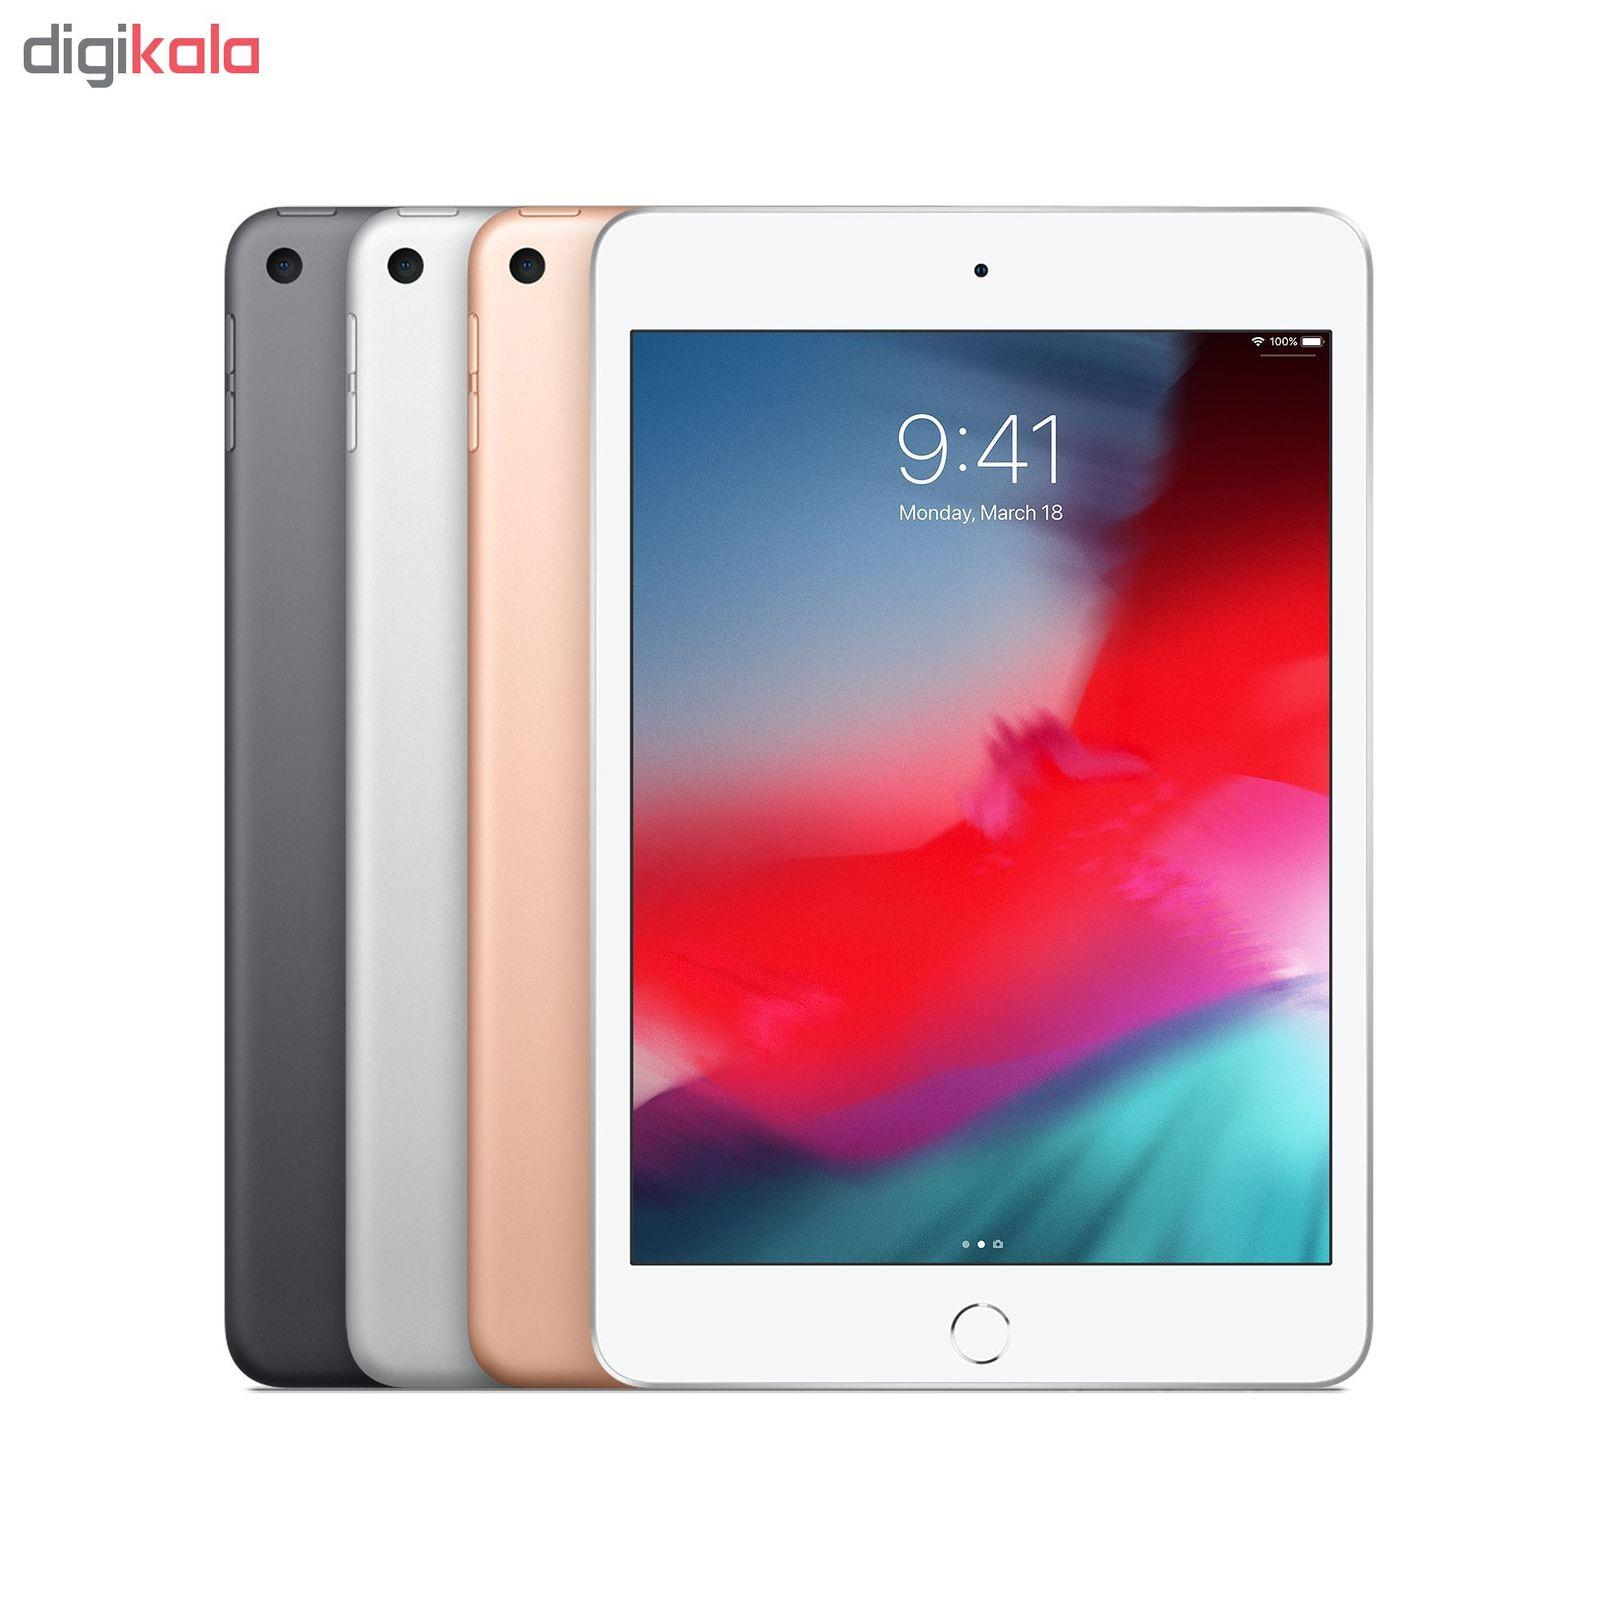 تبلت اپل مدل iPad Mini 5 2019 7.9 inch WiFi ظرفیت 256 گیگابایت main 1 7